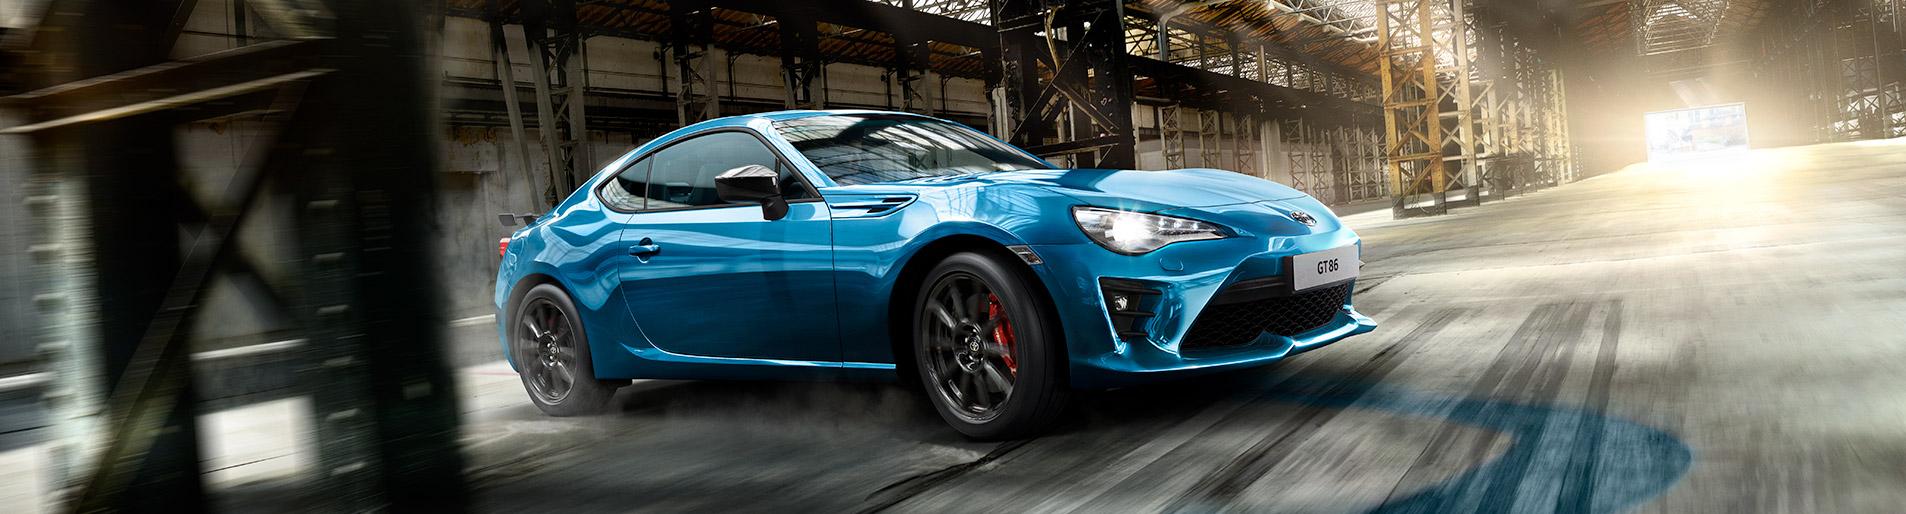 Toyota GT86 - Promozioni e Prezzi